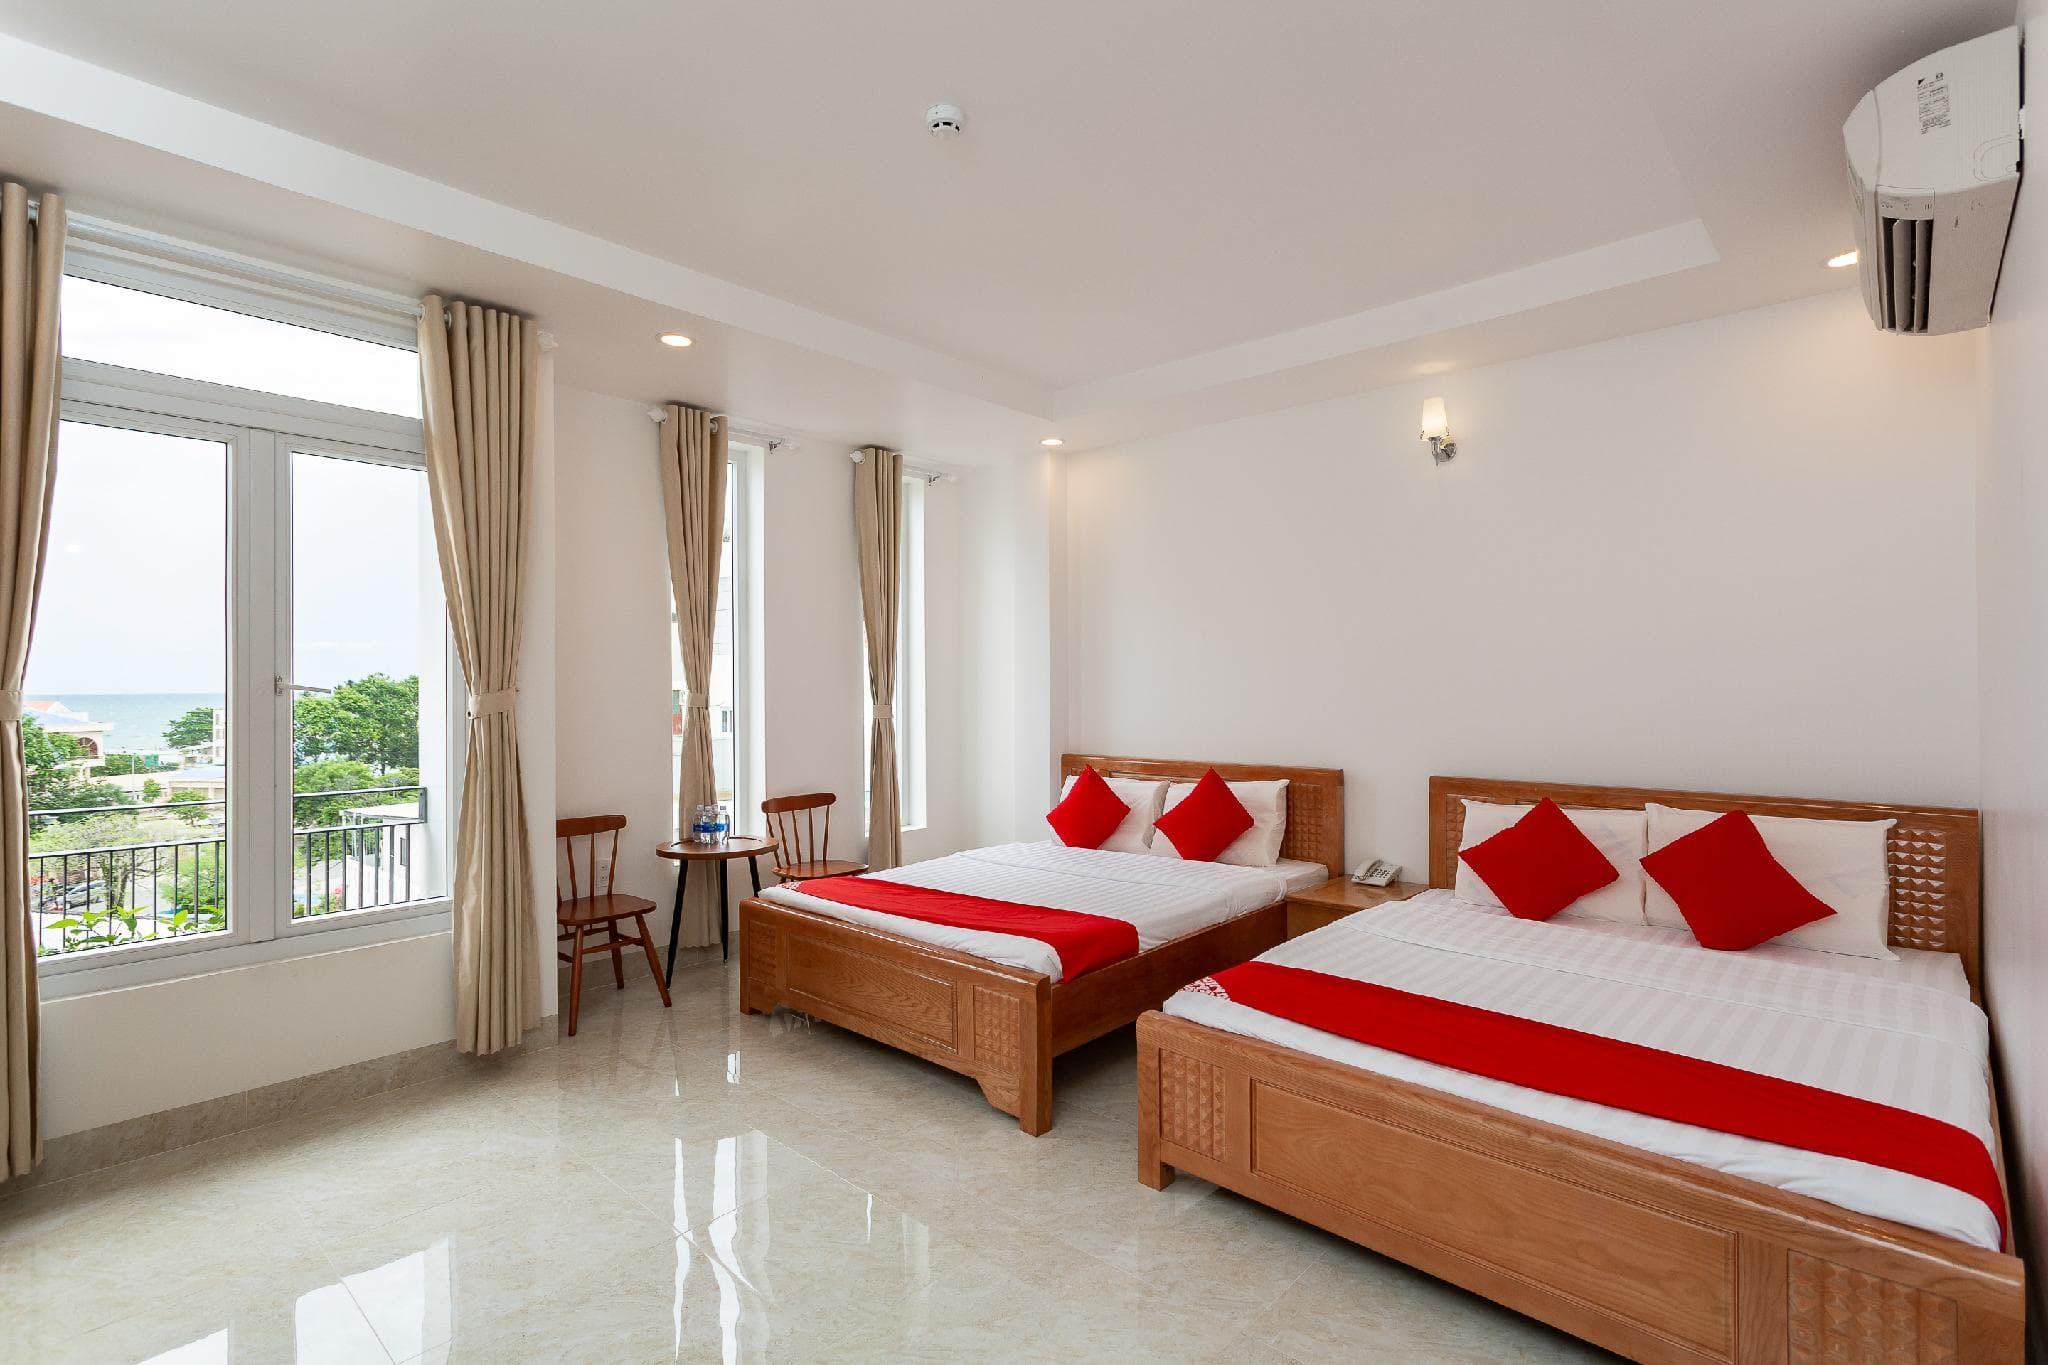 Khách sạn 2 sao ở Phú Quốc